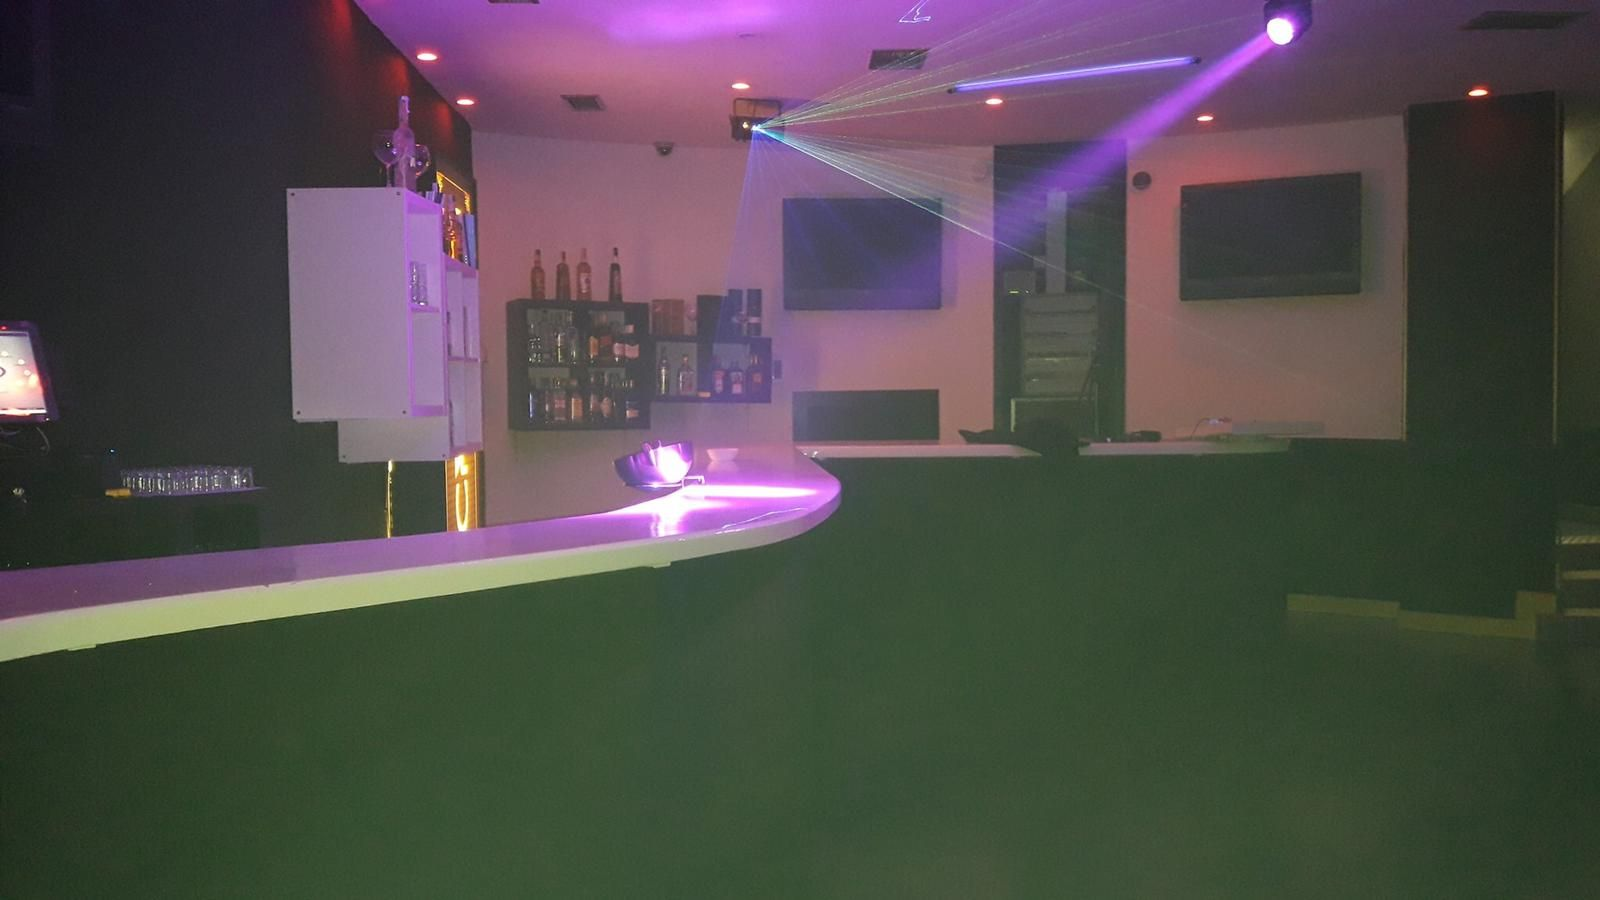 Bar de copas Valladolid